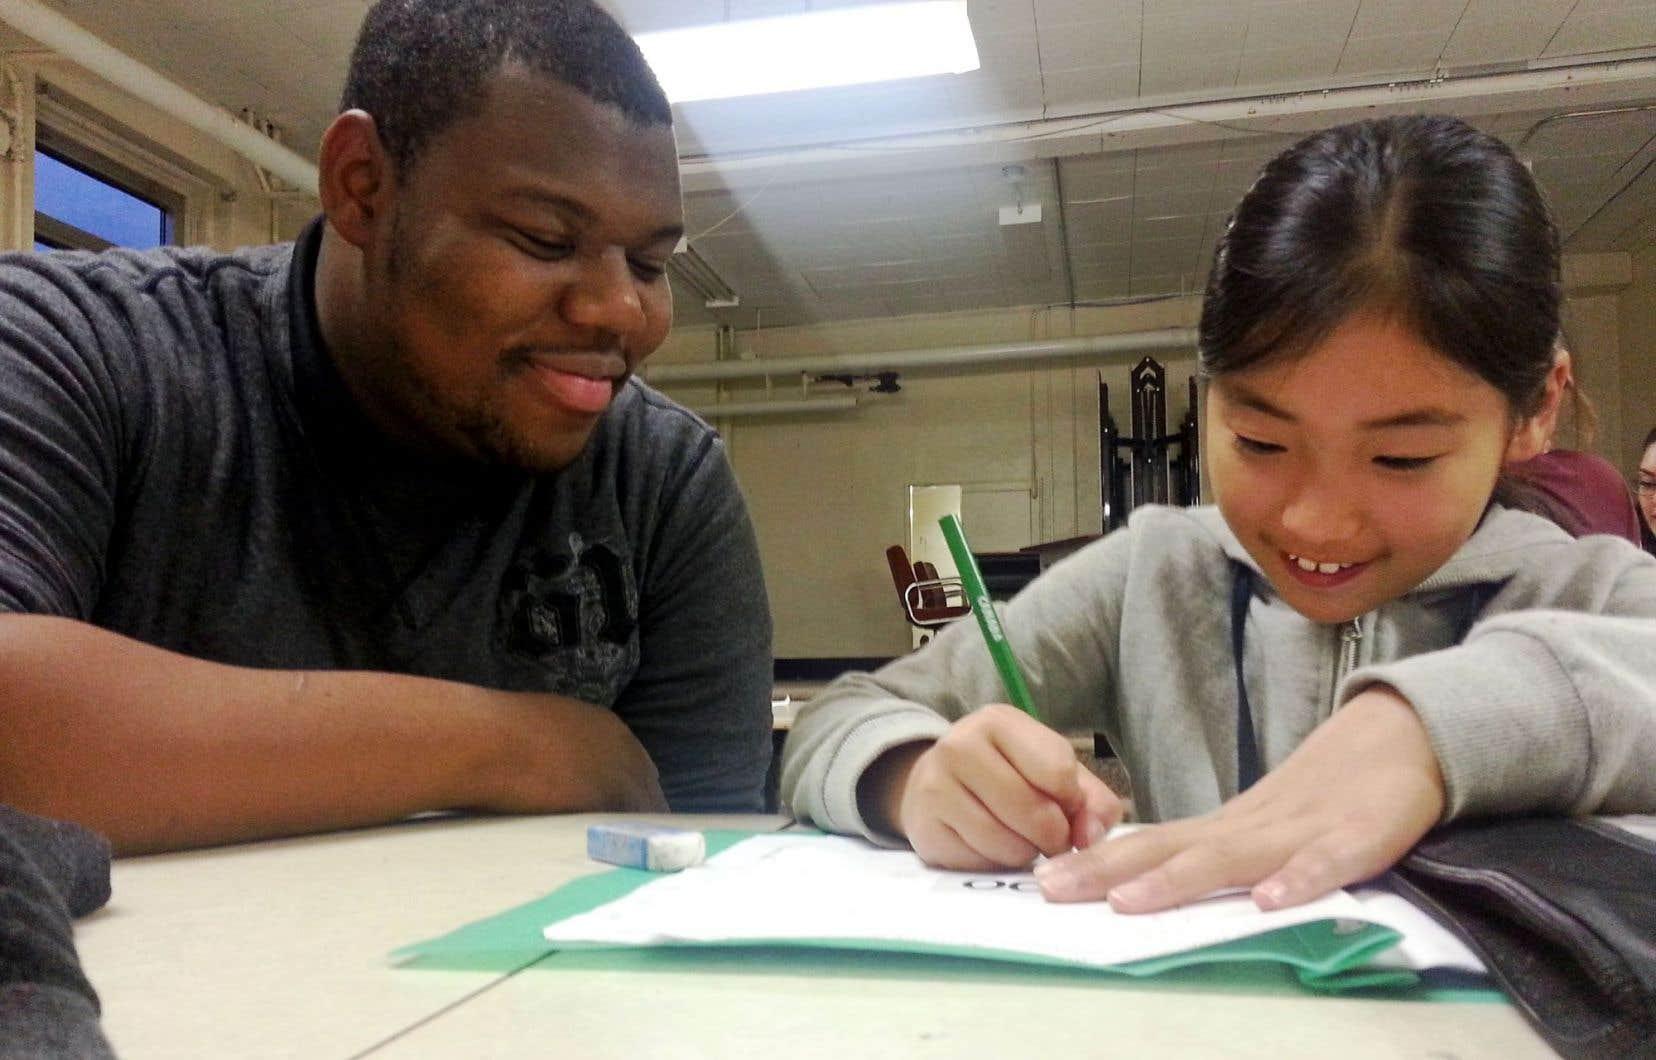 Le programme de tutorat du collège Frontière forme chaque année environ 2500 étudiants qui aident entre 20 000 et 25 000 personnes.